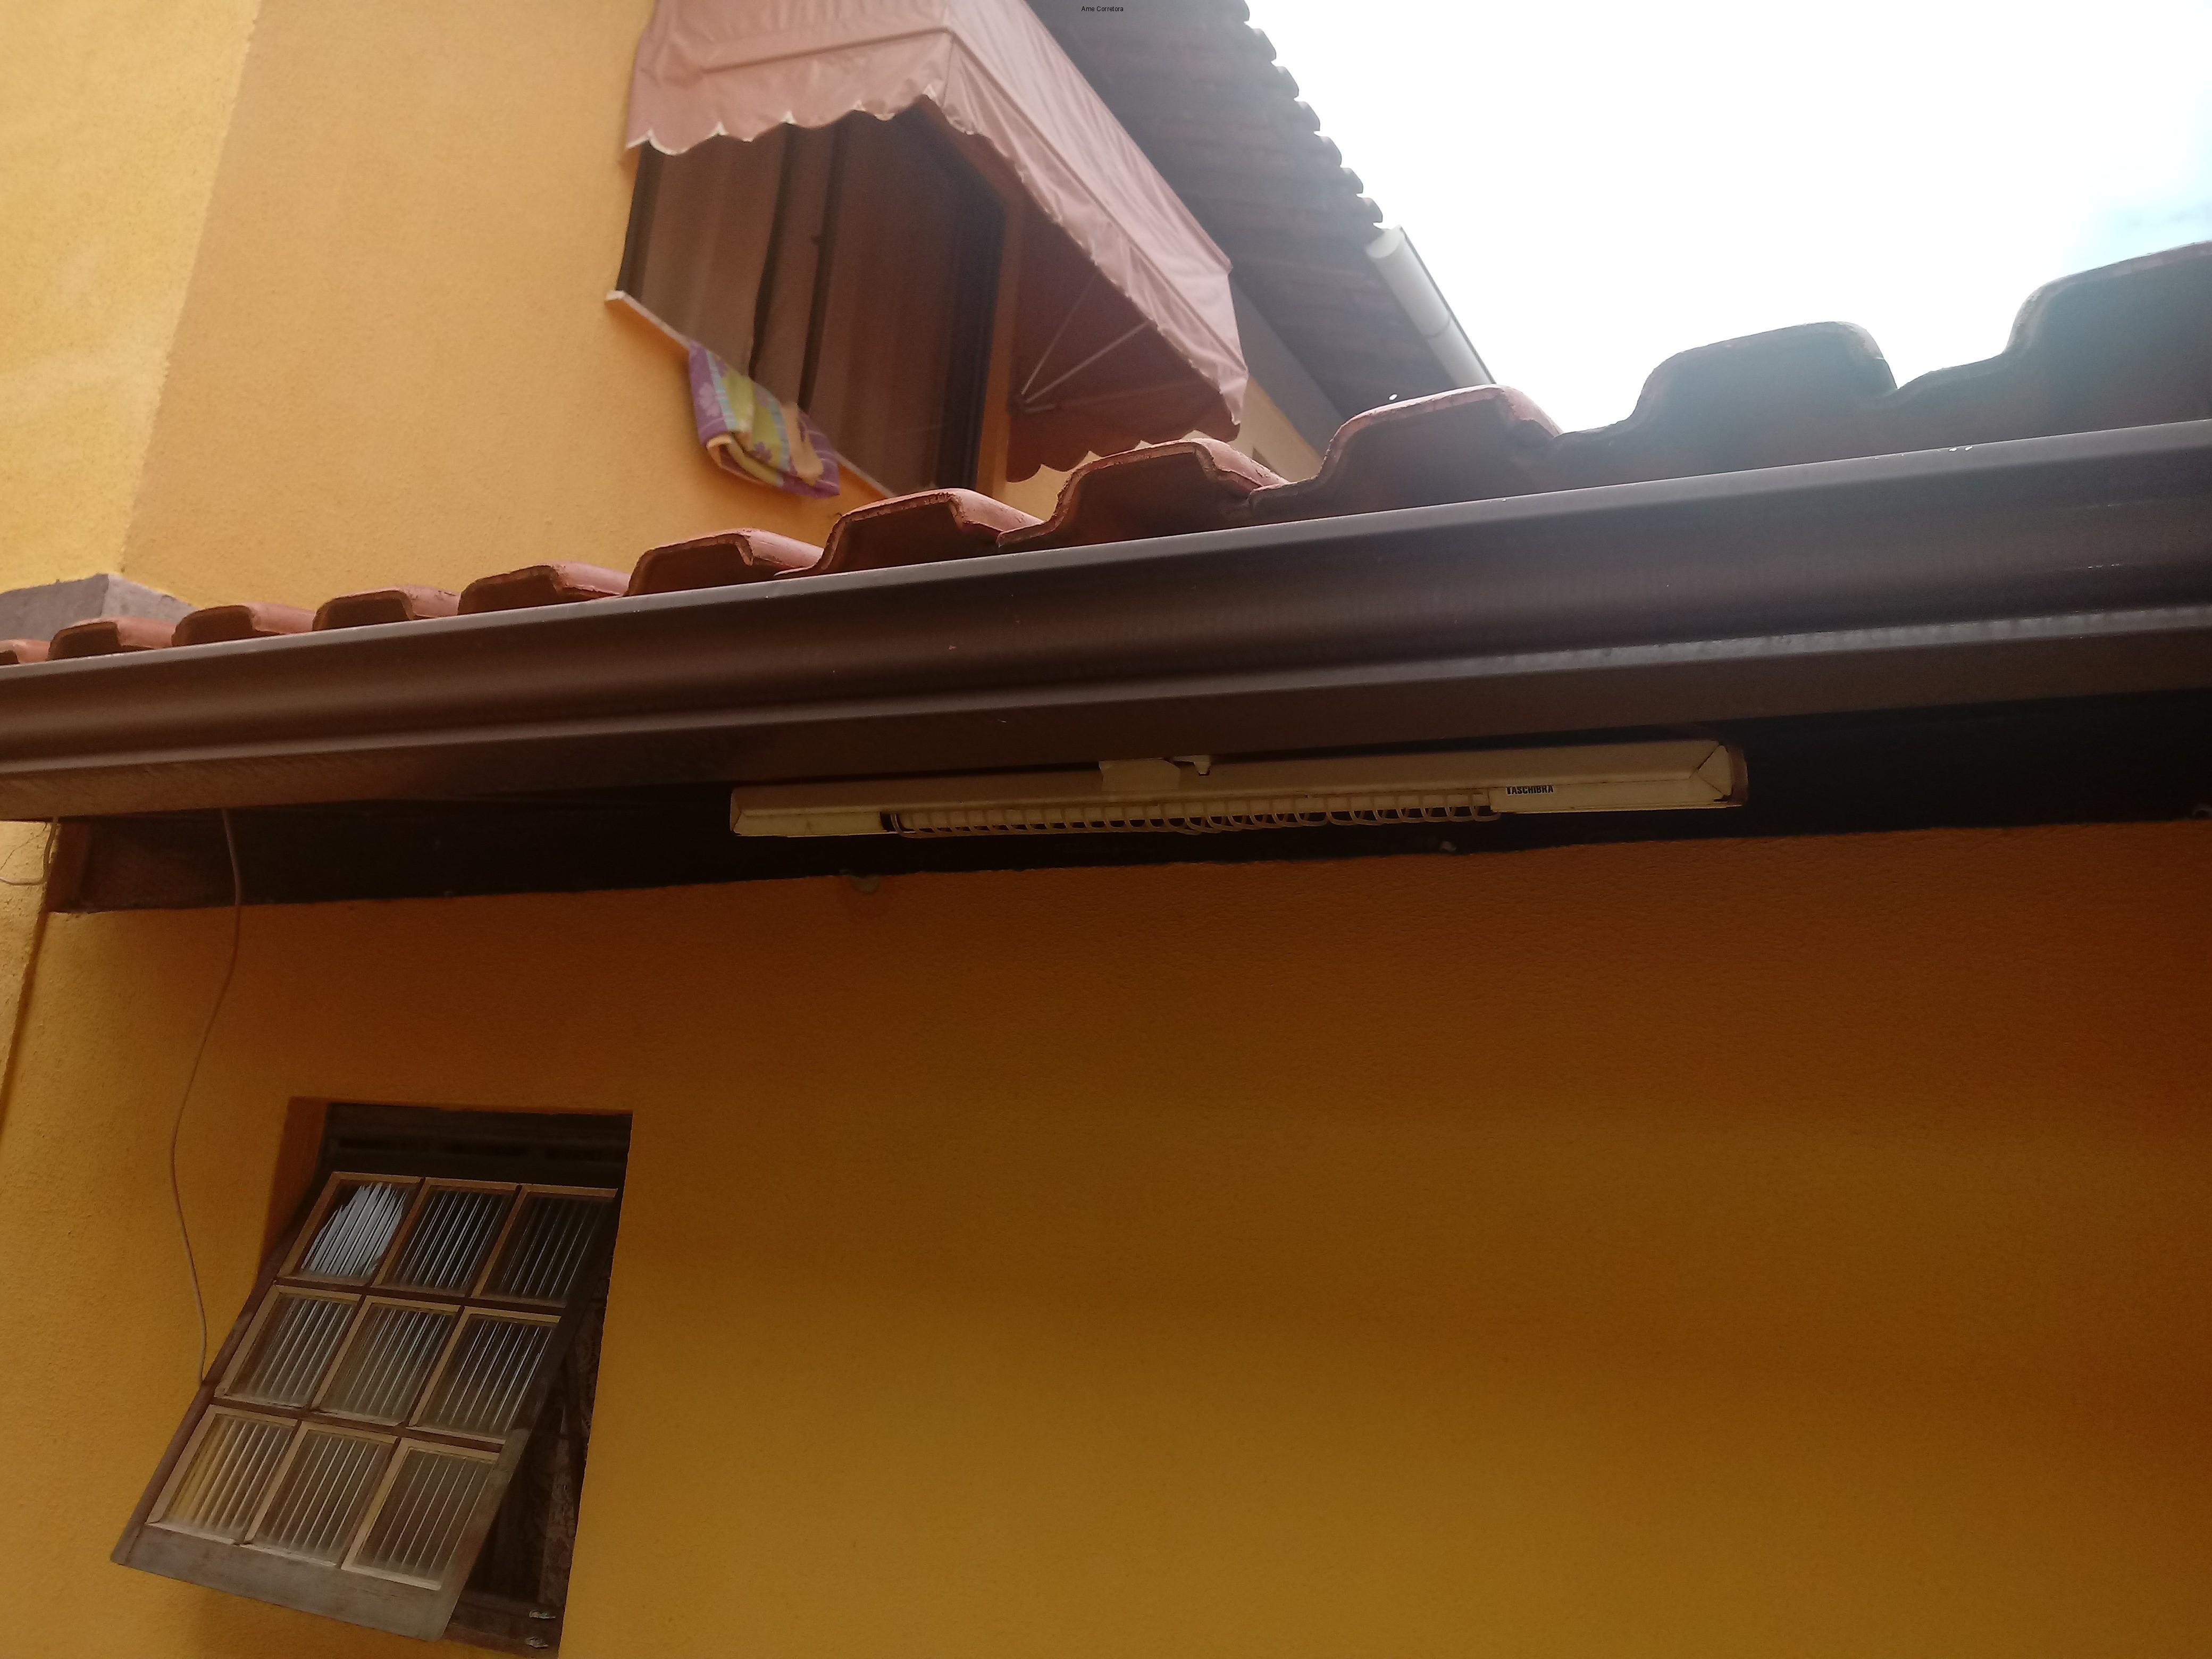 FOTO 09 - Casa 2 quartos à venda Campo Grande, Rio de Janeiro - R$ 298.000 - CA00662 - 10